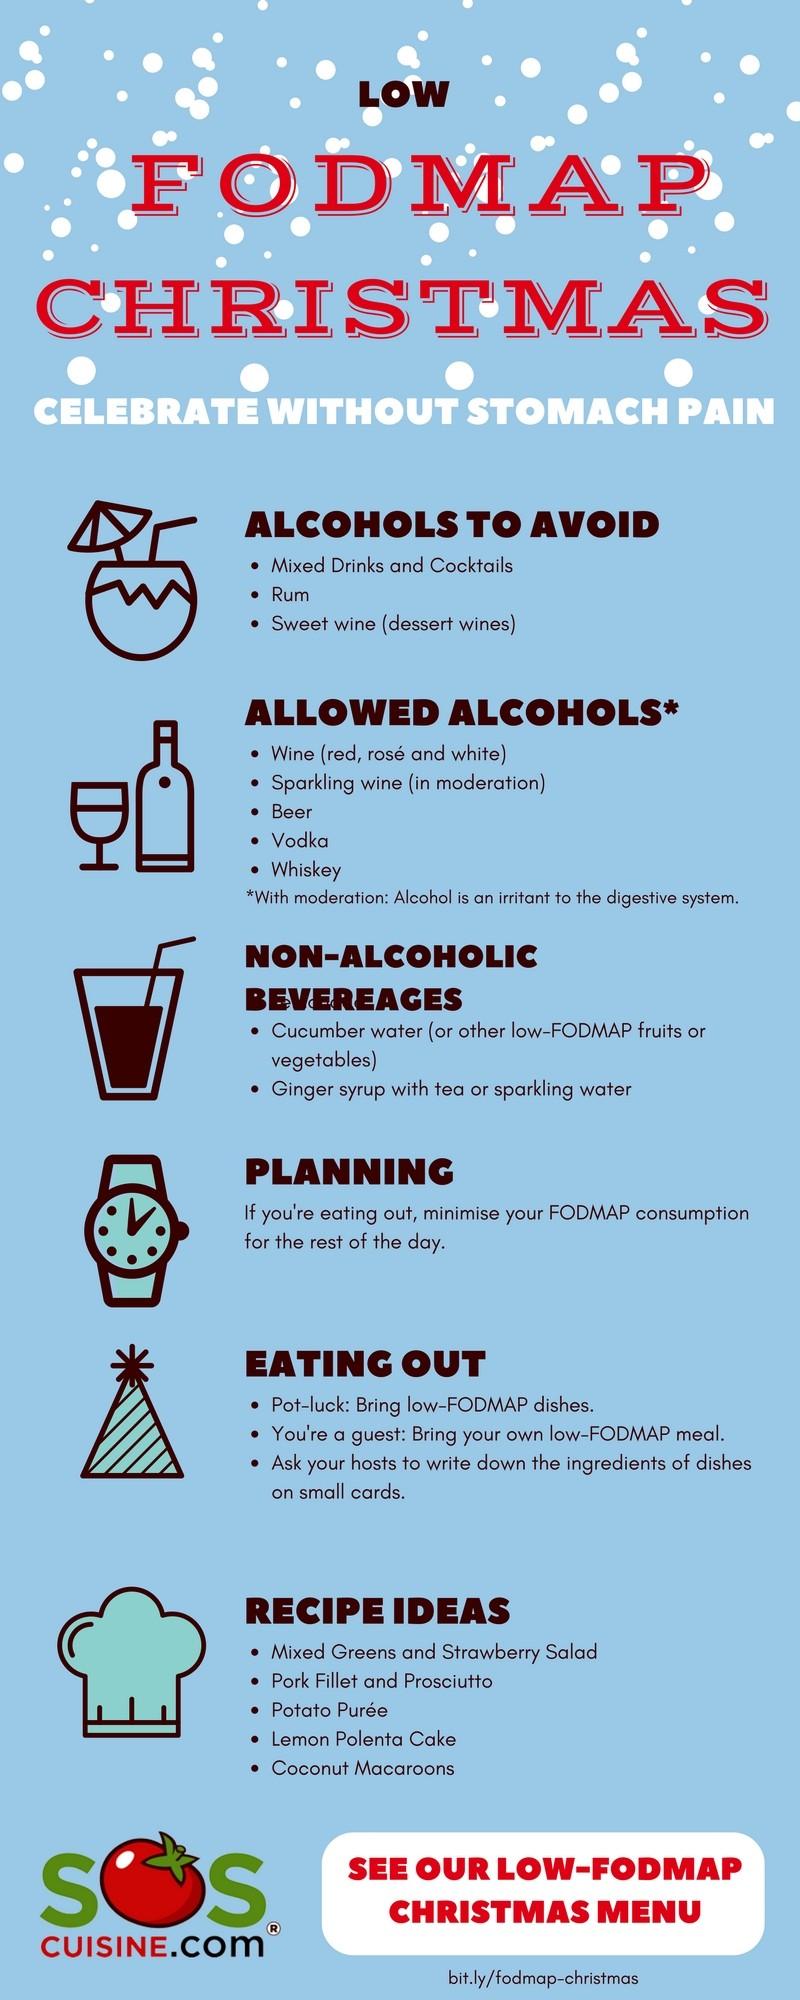 fodmap diet eau claire